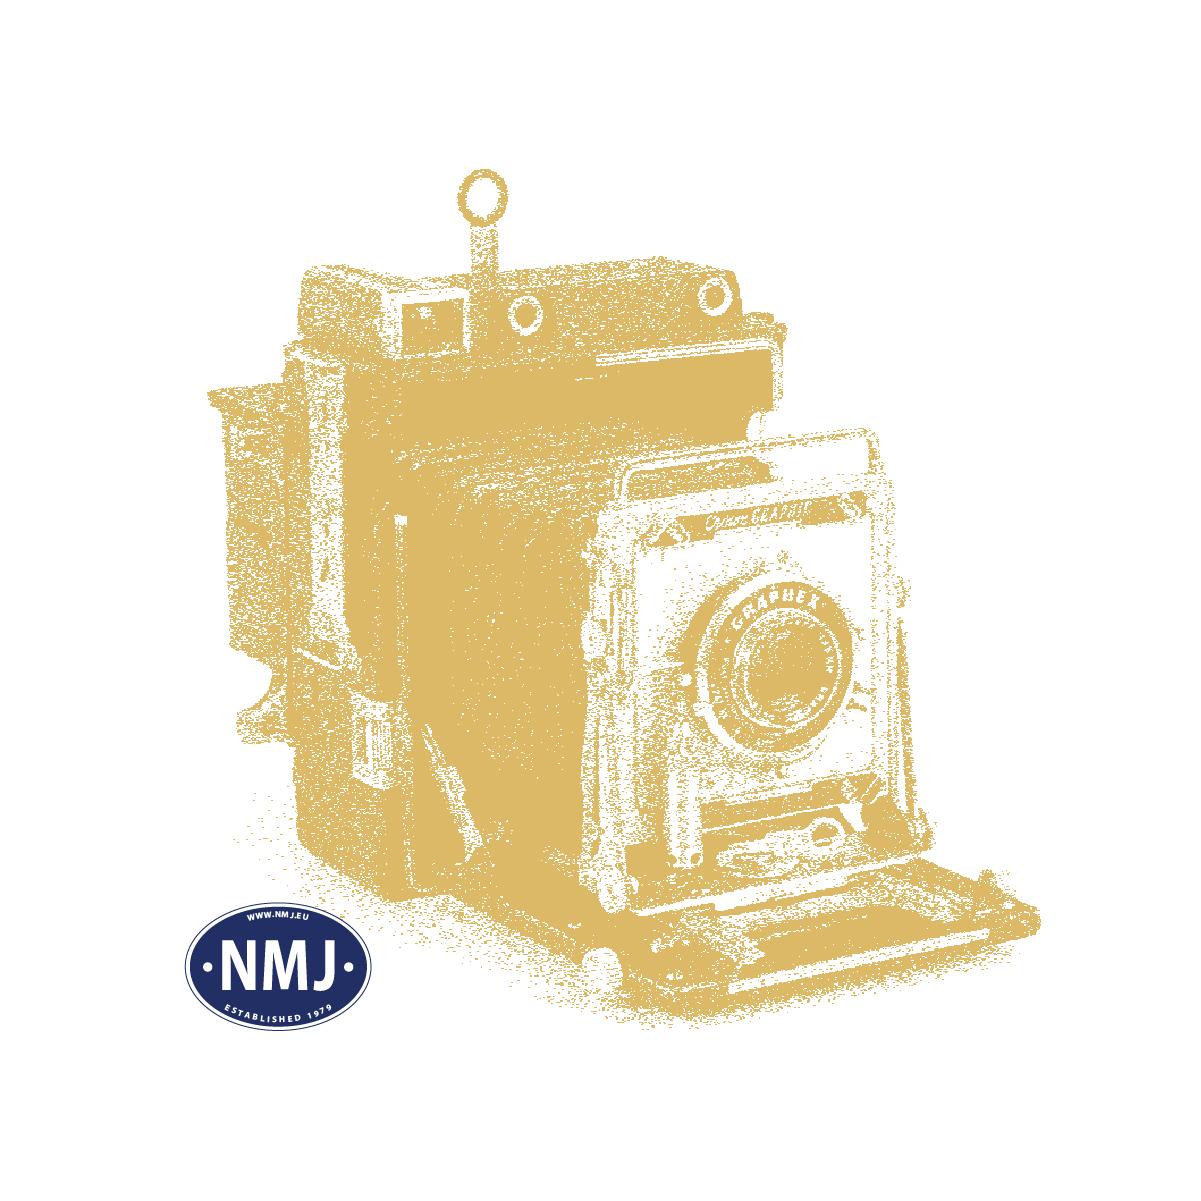 MBR51-2207 - Italian poplar Sommer, 12-16 cm ,TT/H0